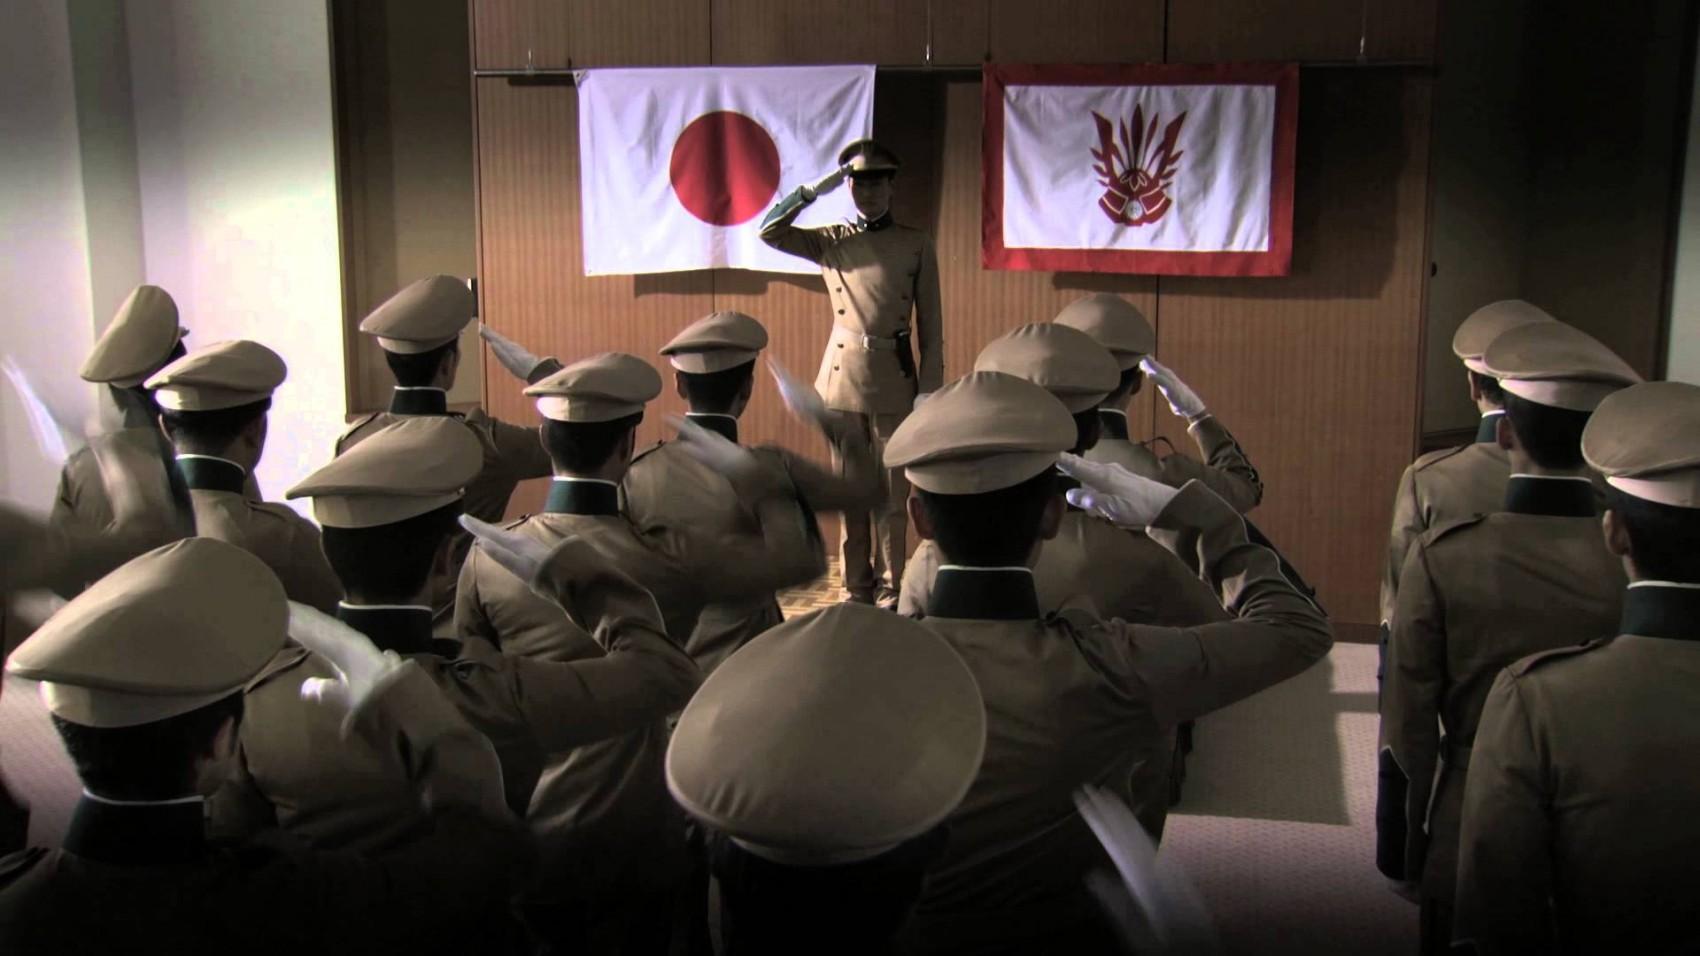 mishima wakamatsu